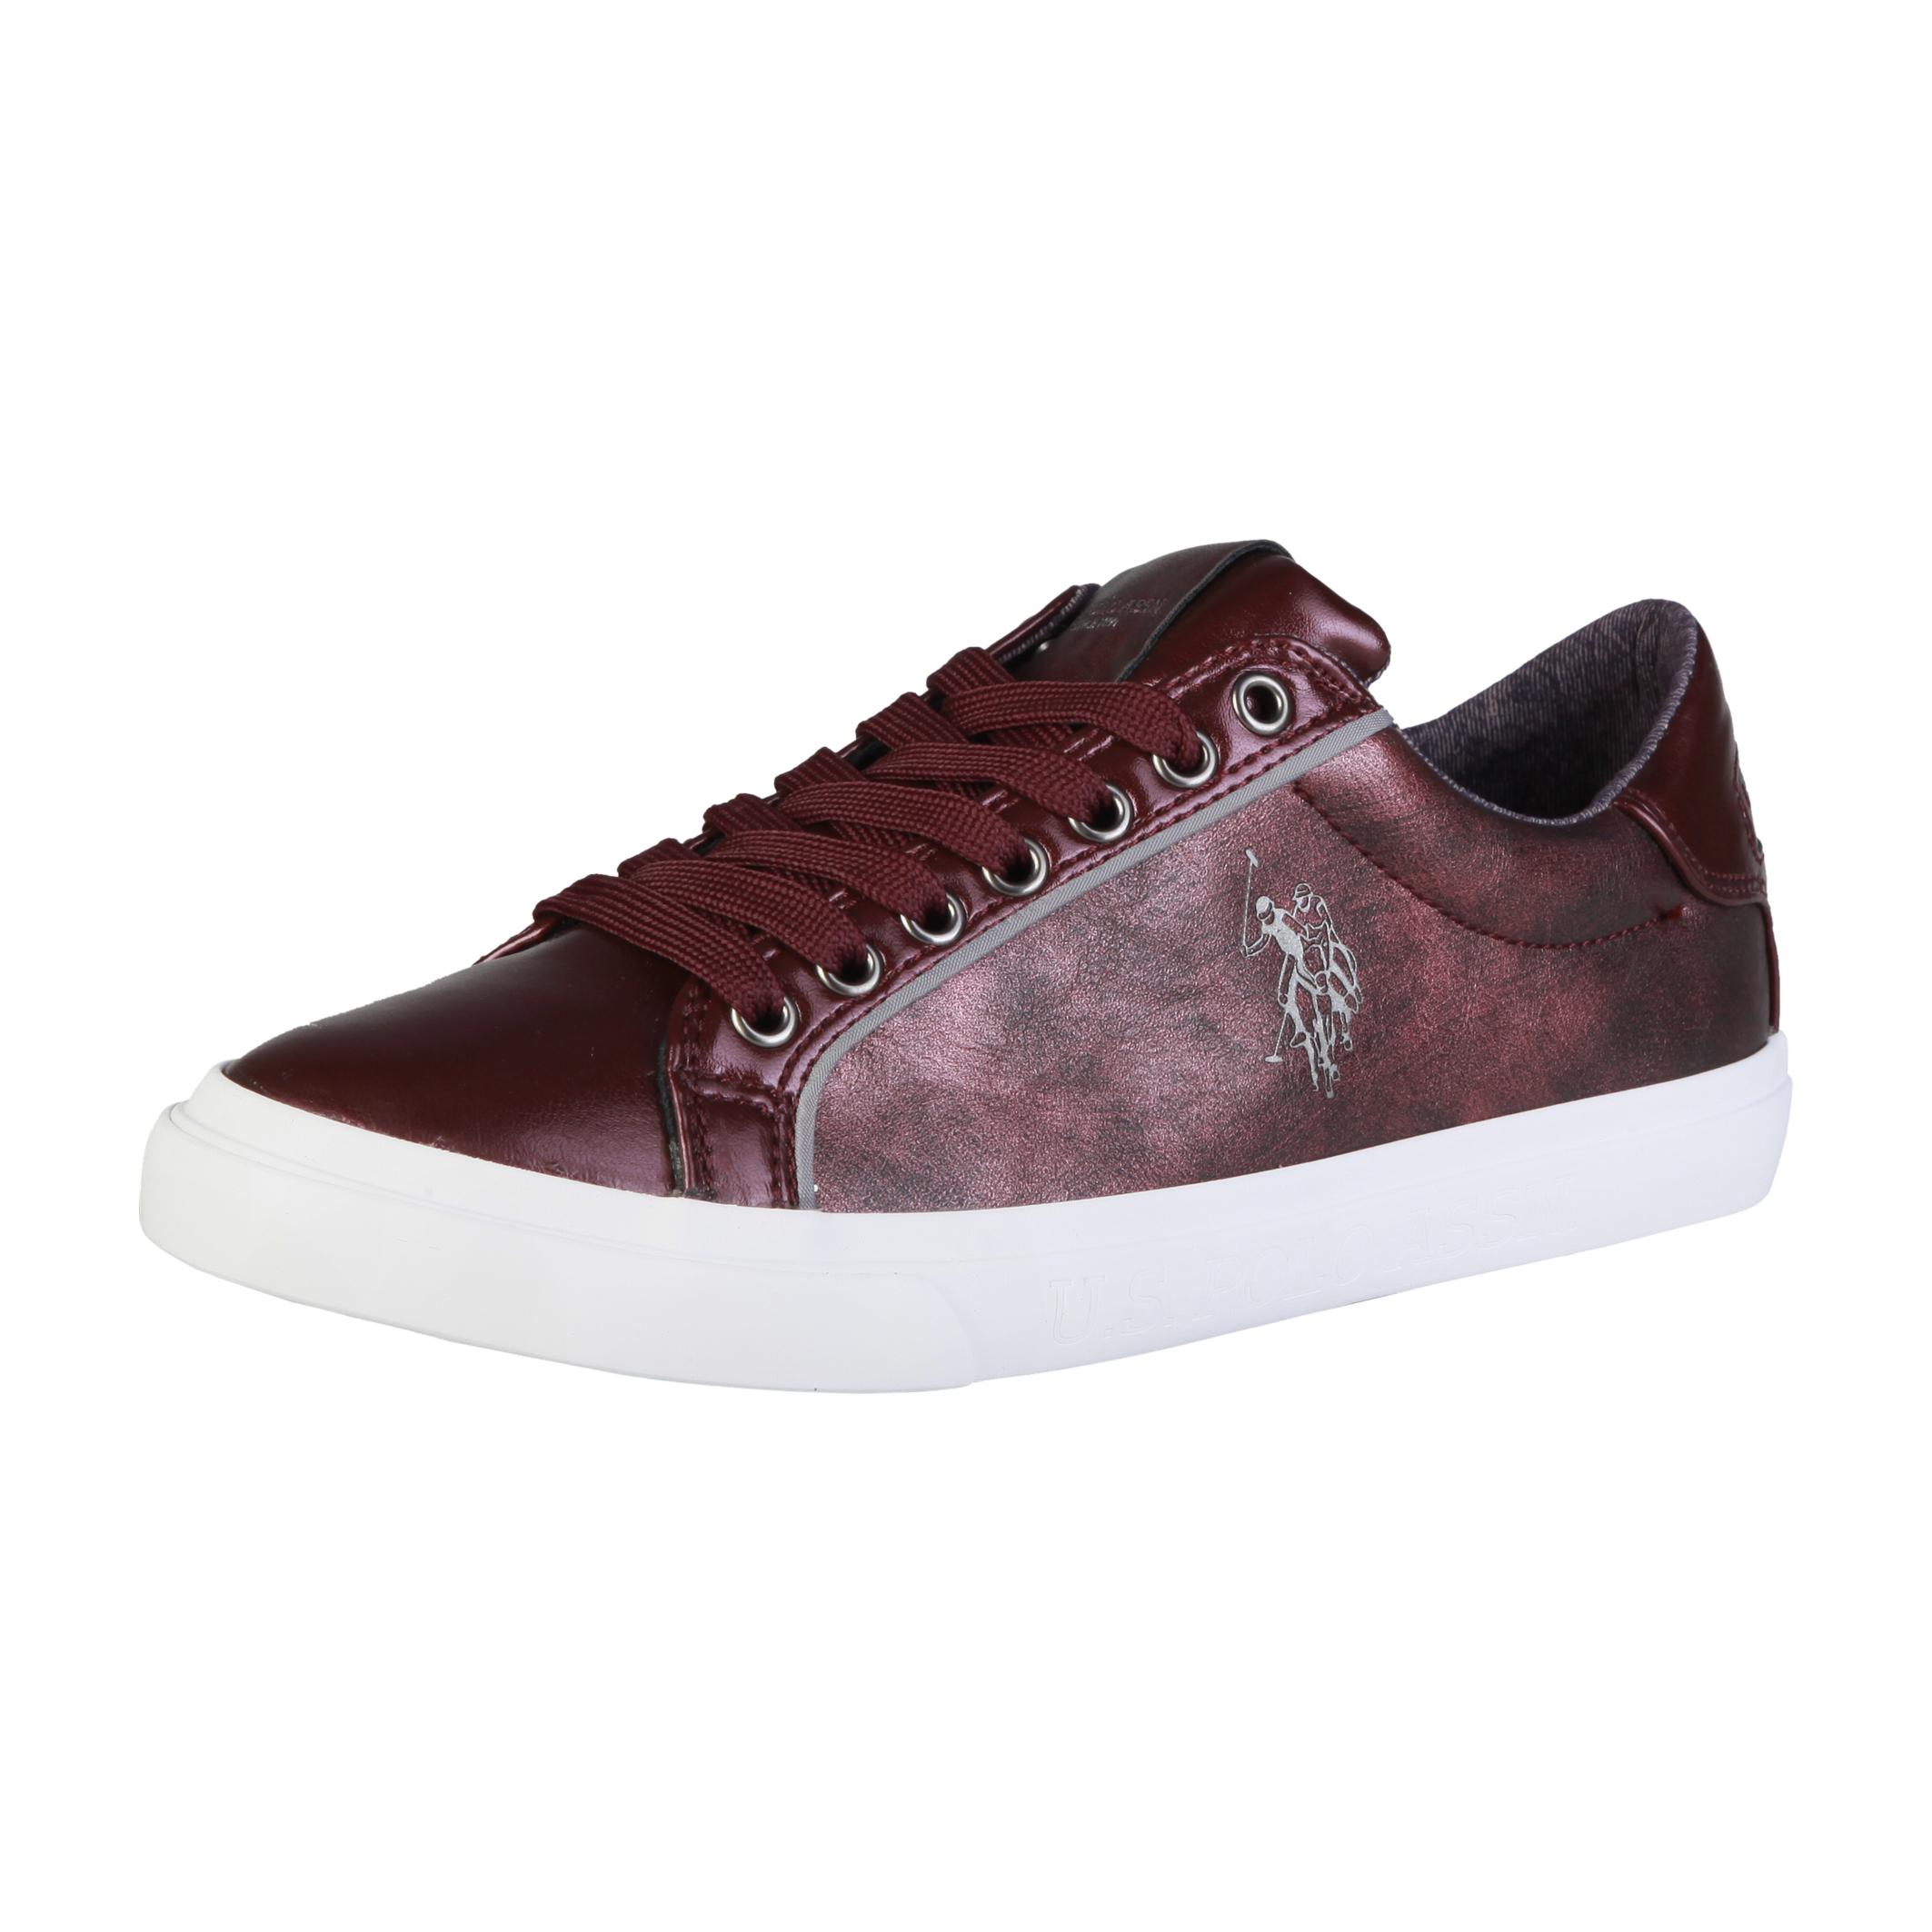 U.S. Polo Schuhe WILMA7176W7, Damen Sneakers Rot/Grau Herbst/Winter